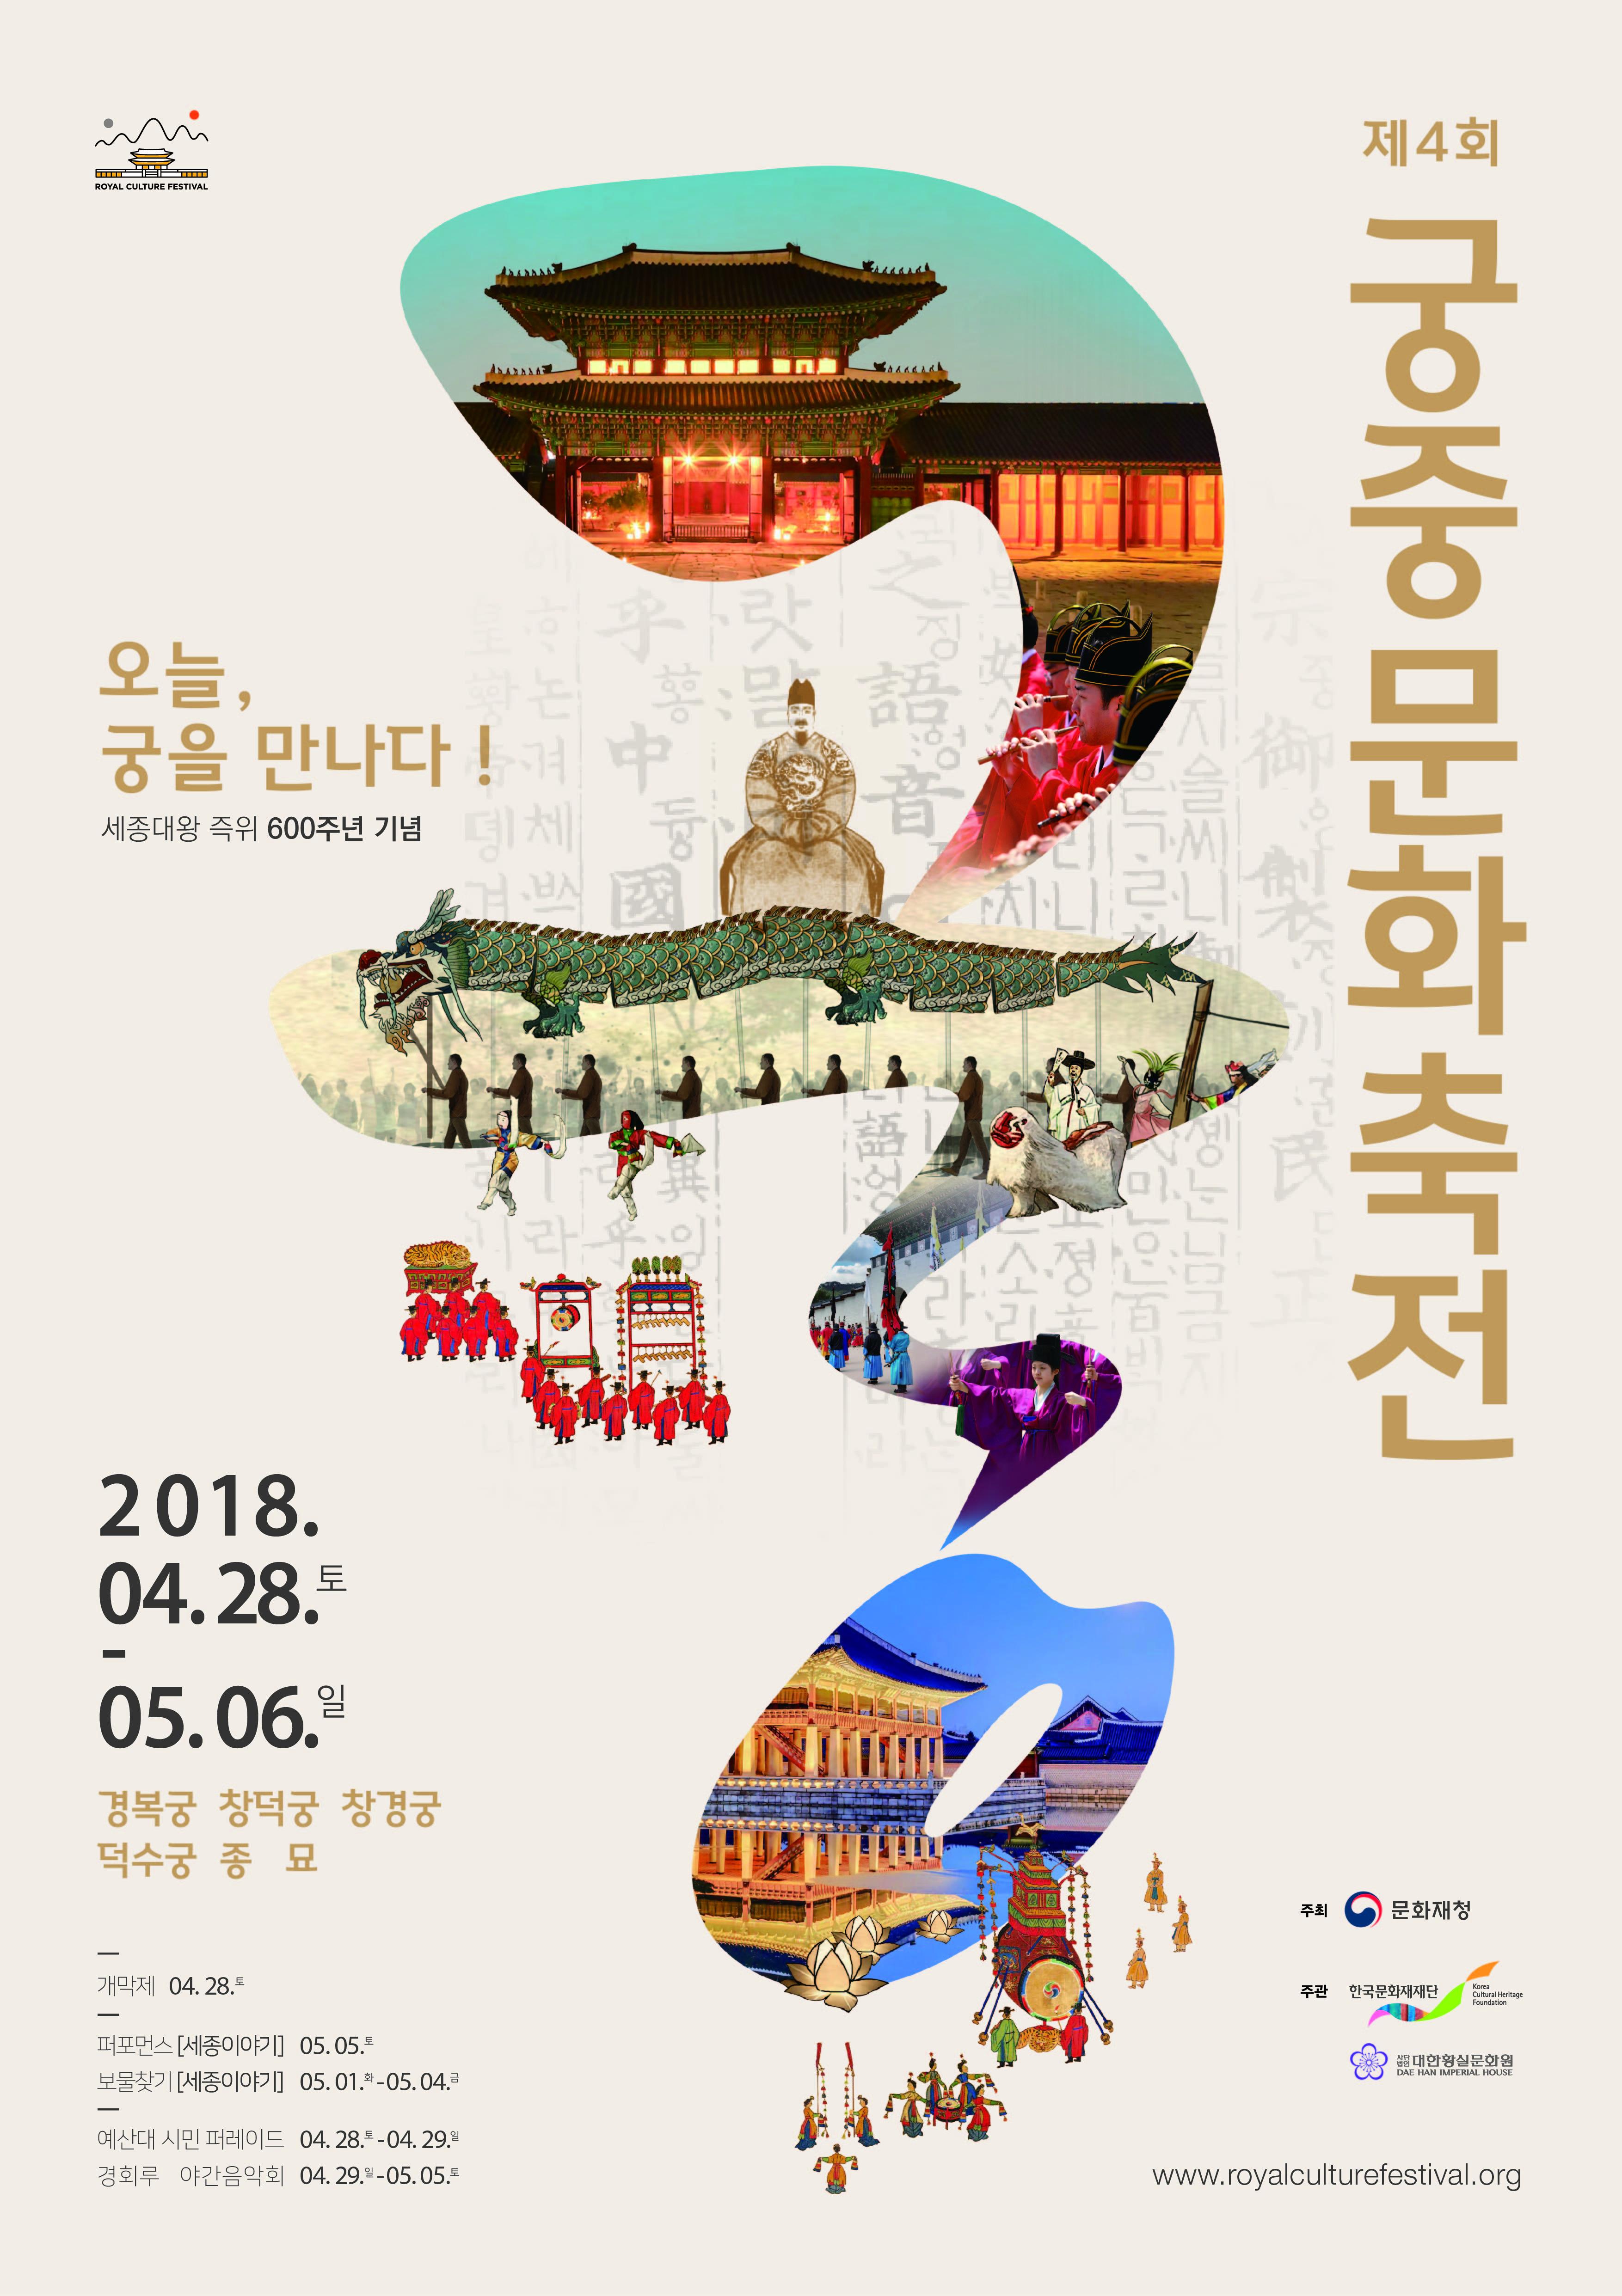 '세종'을 주제로 오는 28일부터 9일간 펼쳐지는 제4회 궁중문화축전